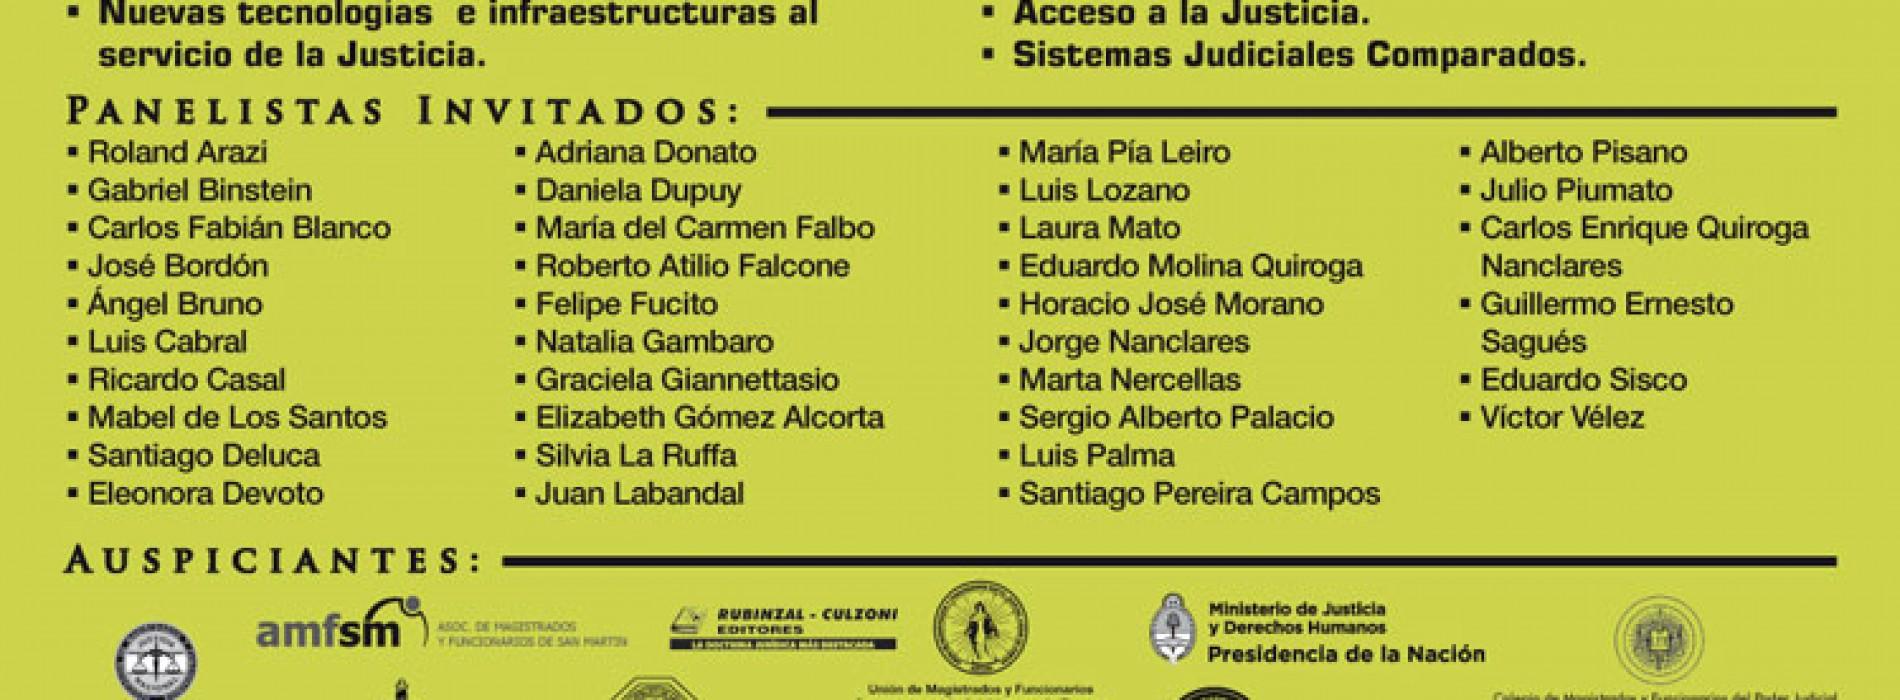 Jornadas Nacionales sobre transformaciones en la Justicia